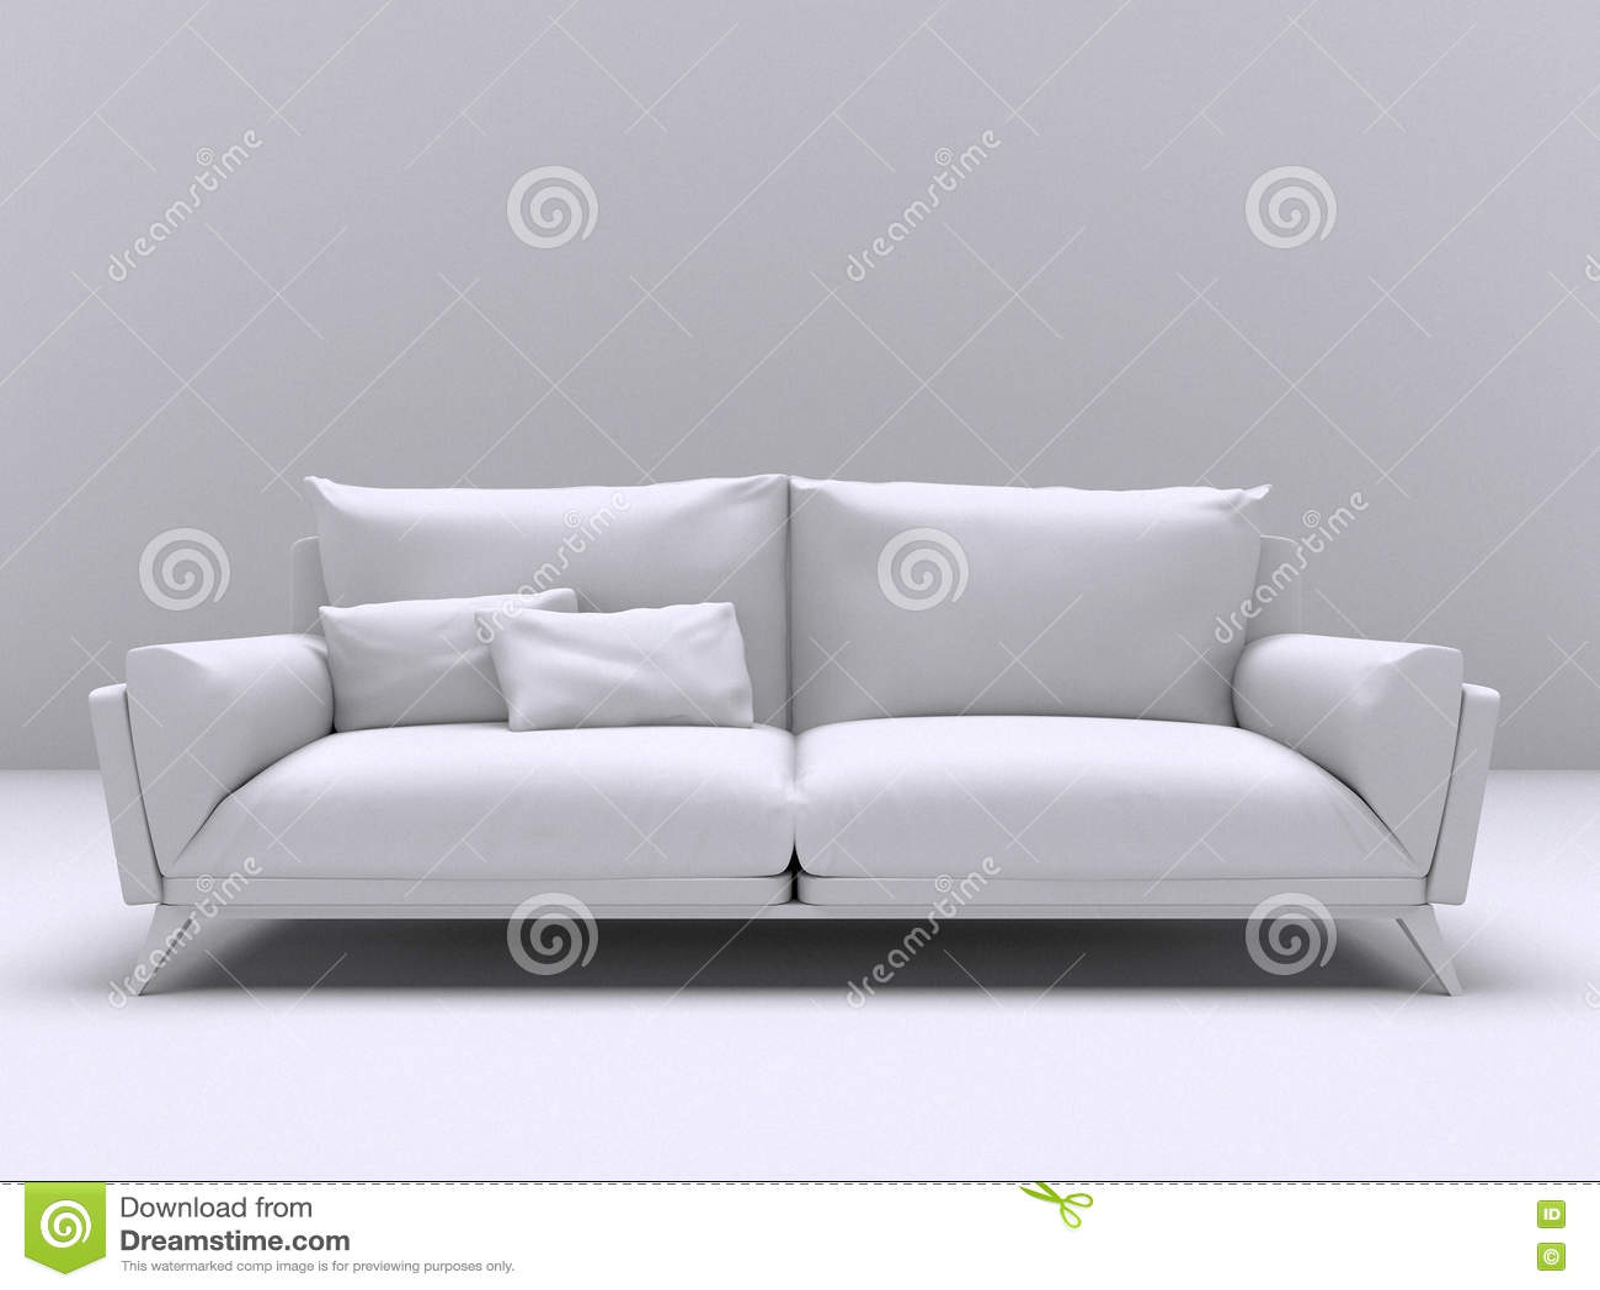 Sofa moderne intérieur blanc avec deux oreillers